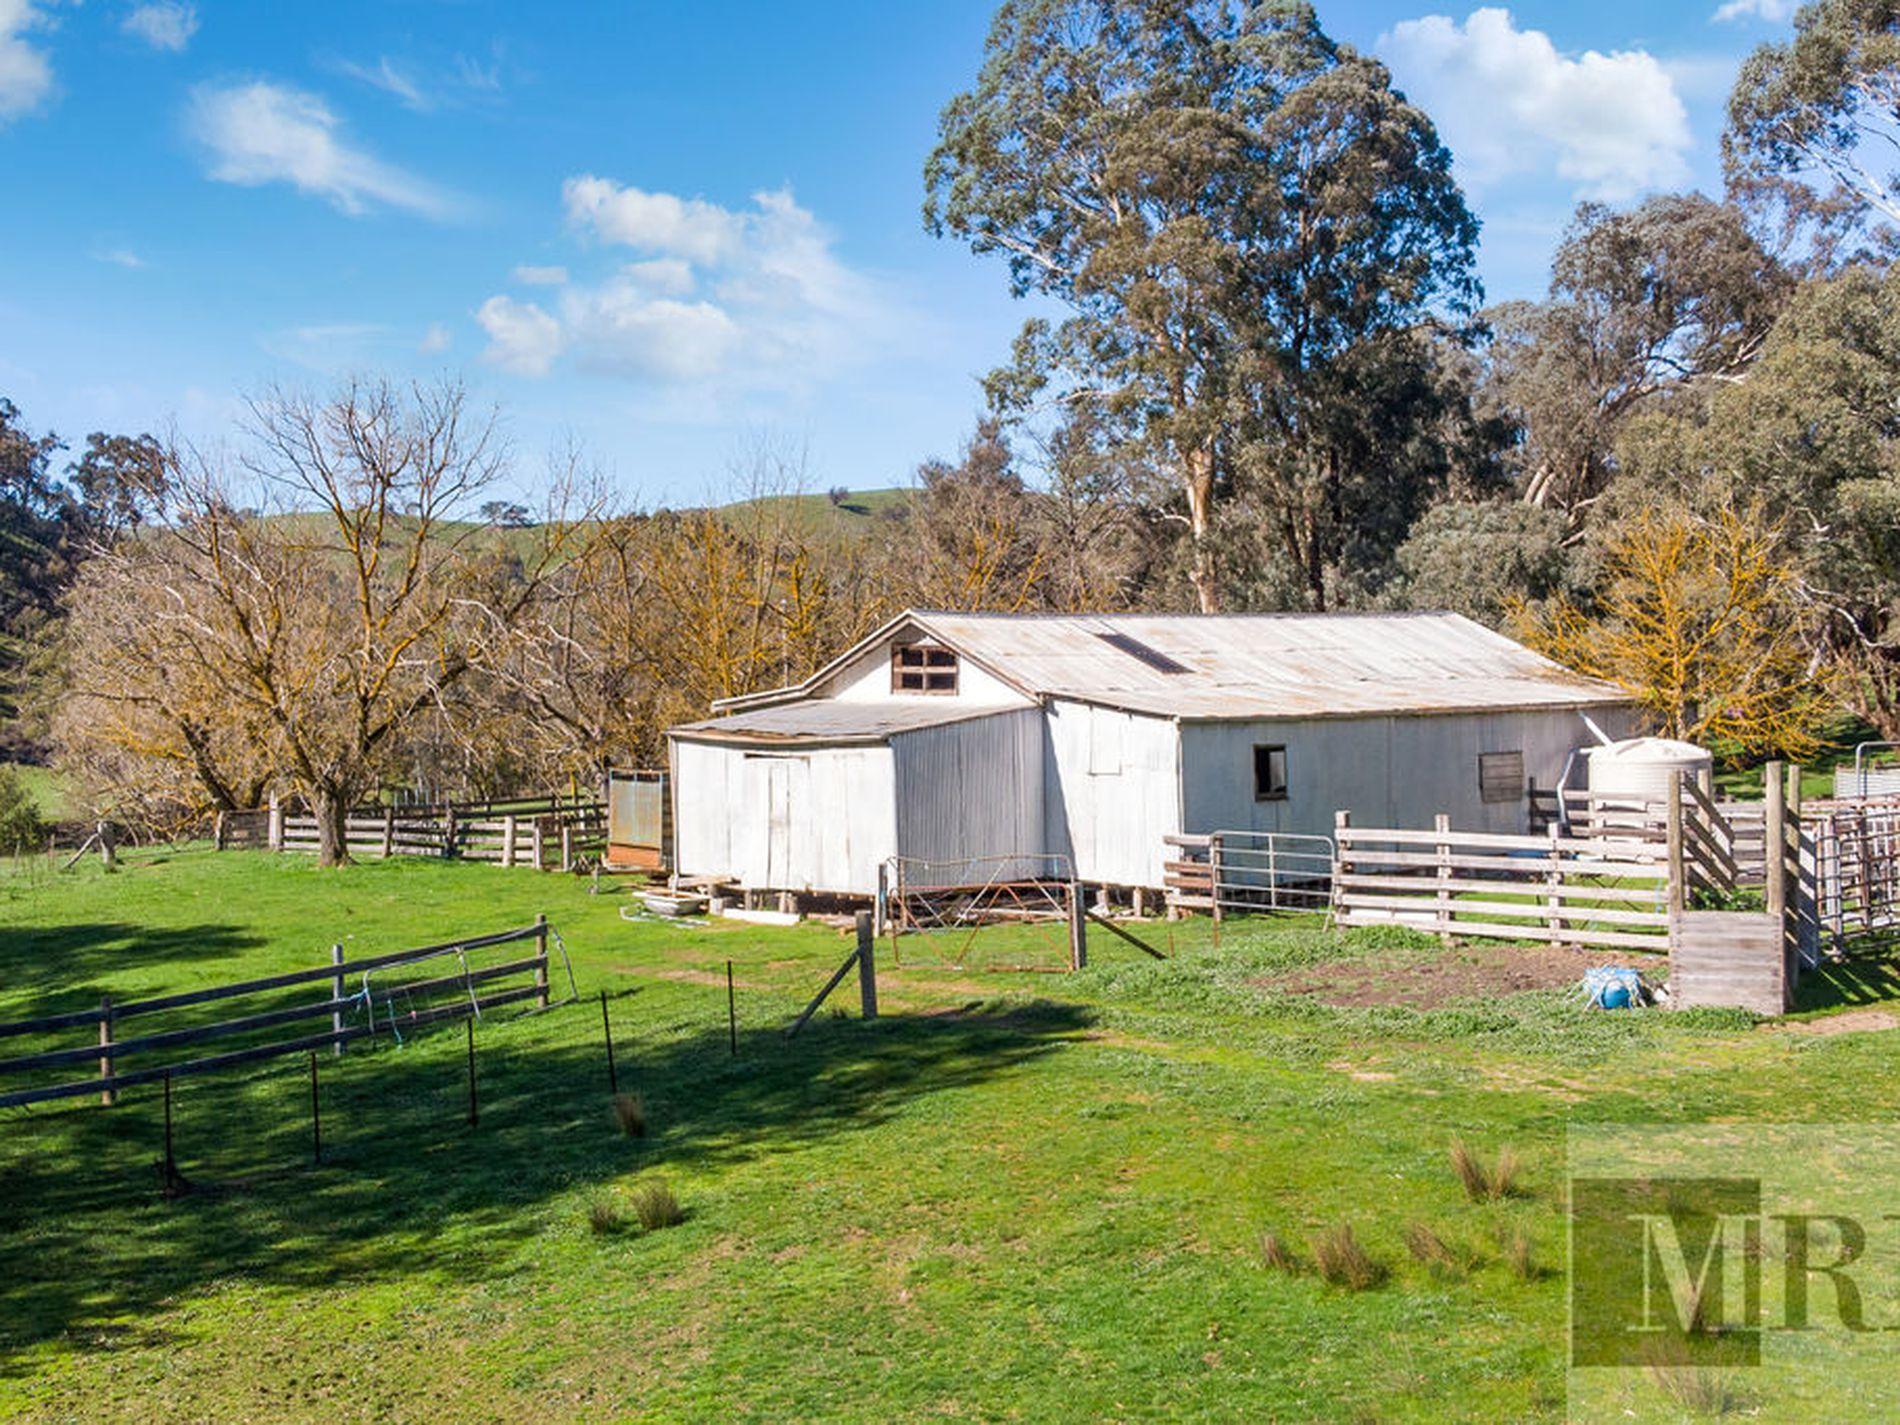 Lot CA 117, CA 117 Dry Creek Road, Bonnie Doon